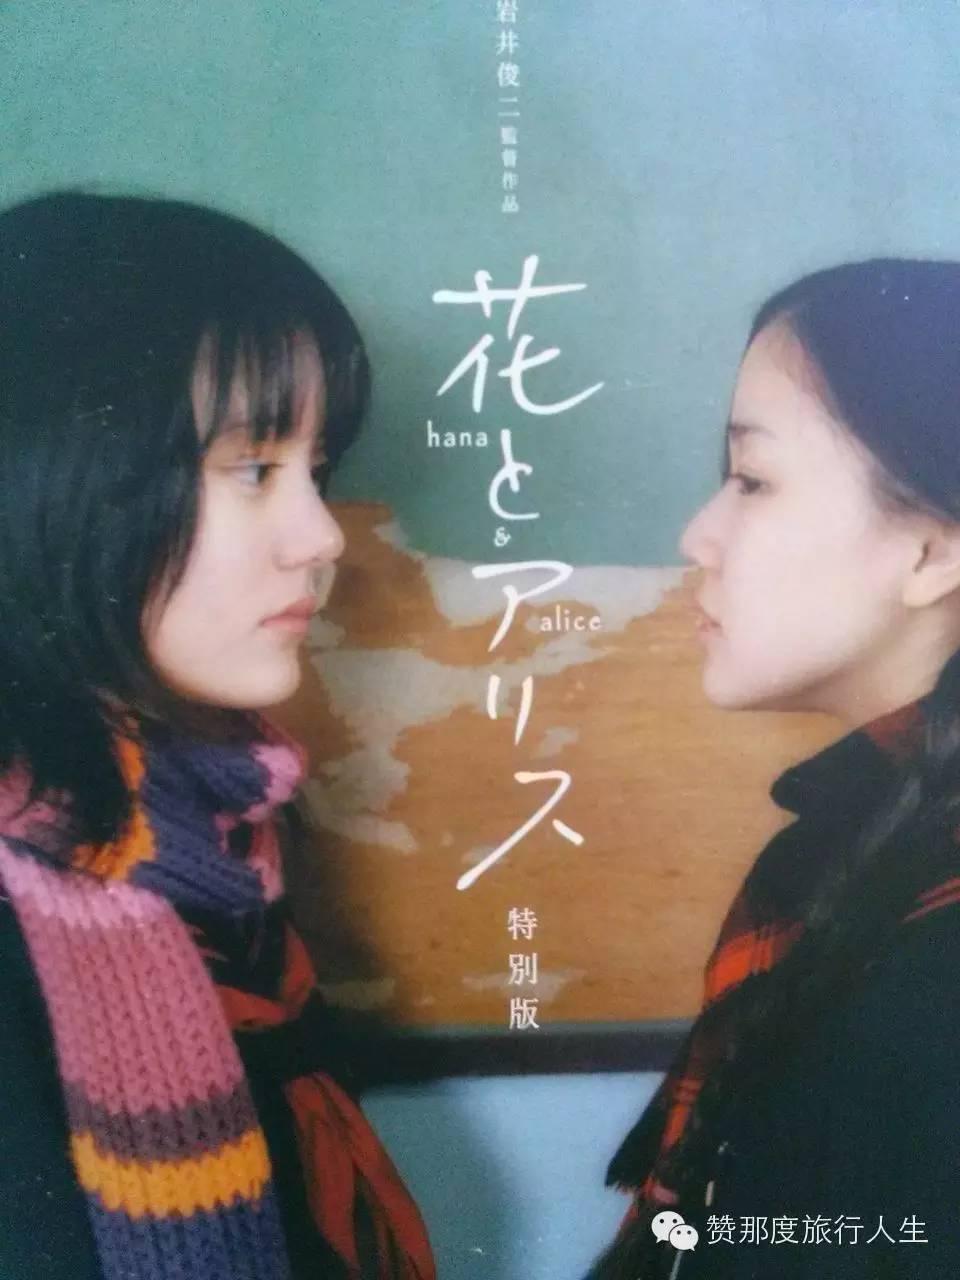 四月物语电影 你是人间四月天 7部与樱花有关的唯美电影